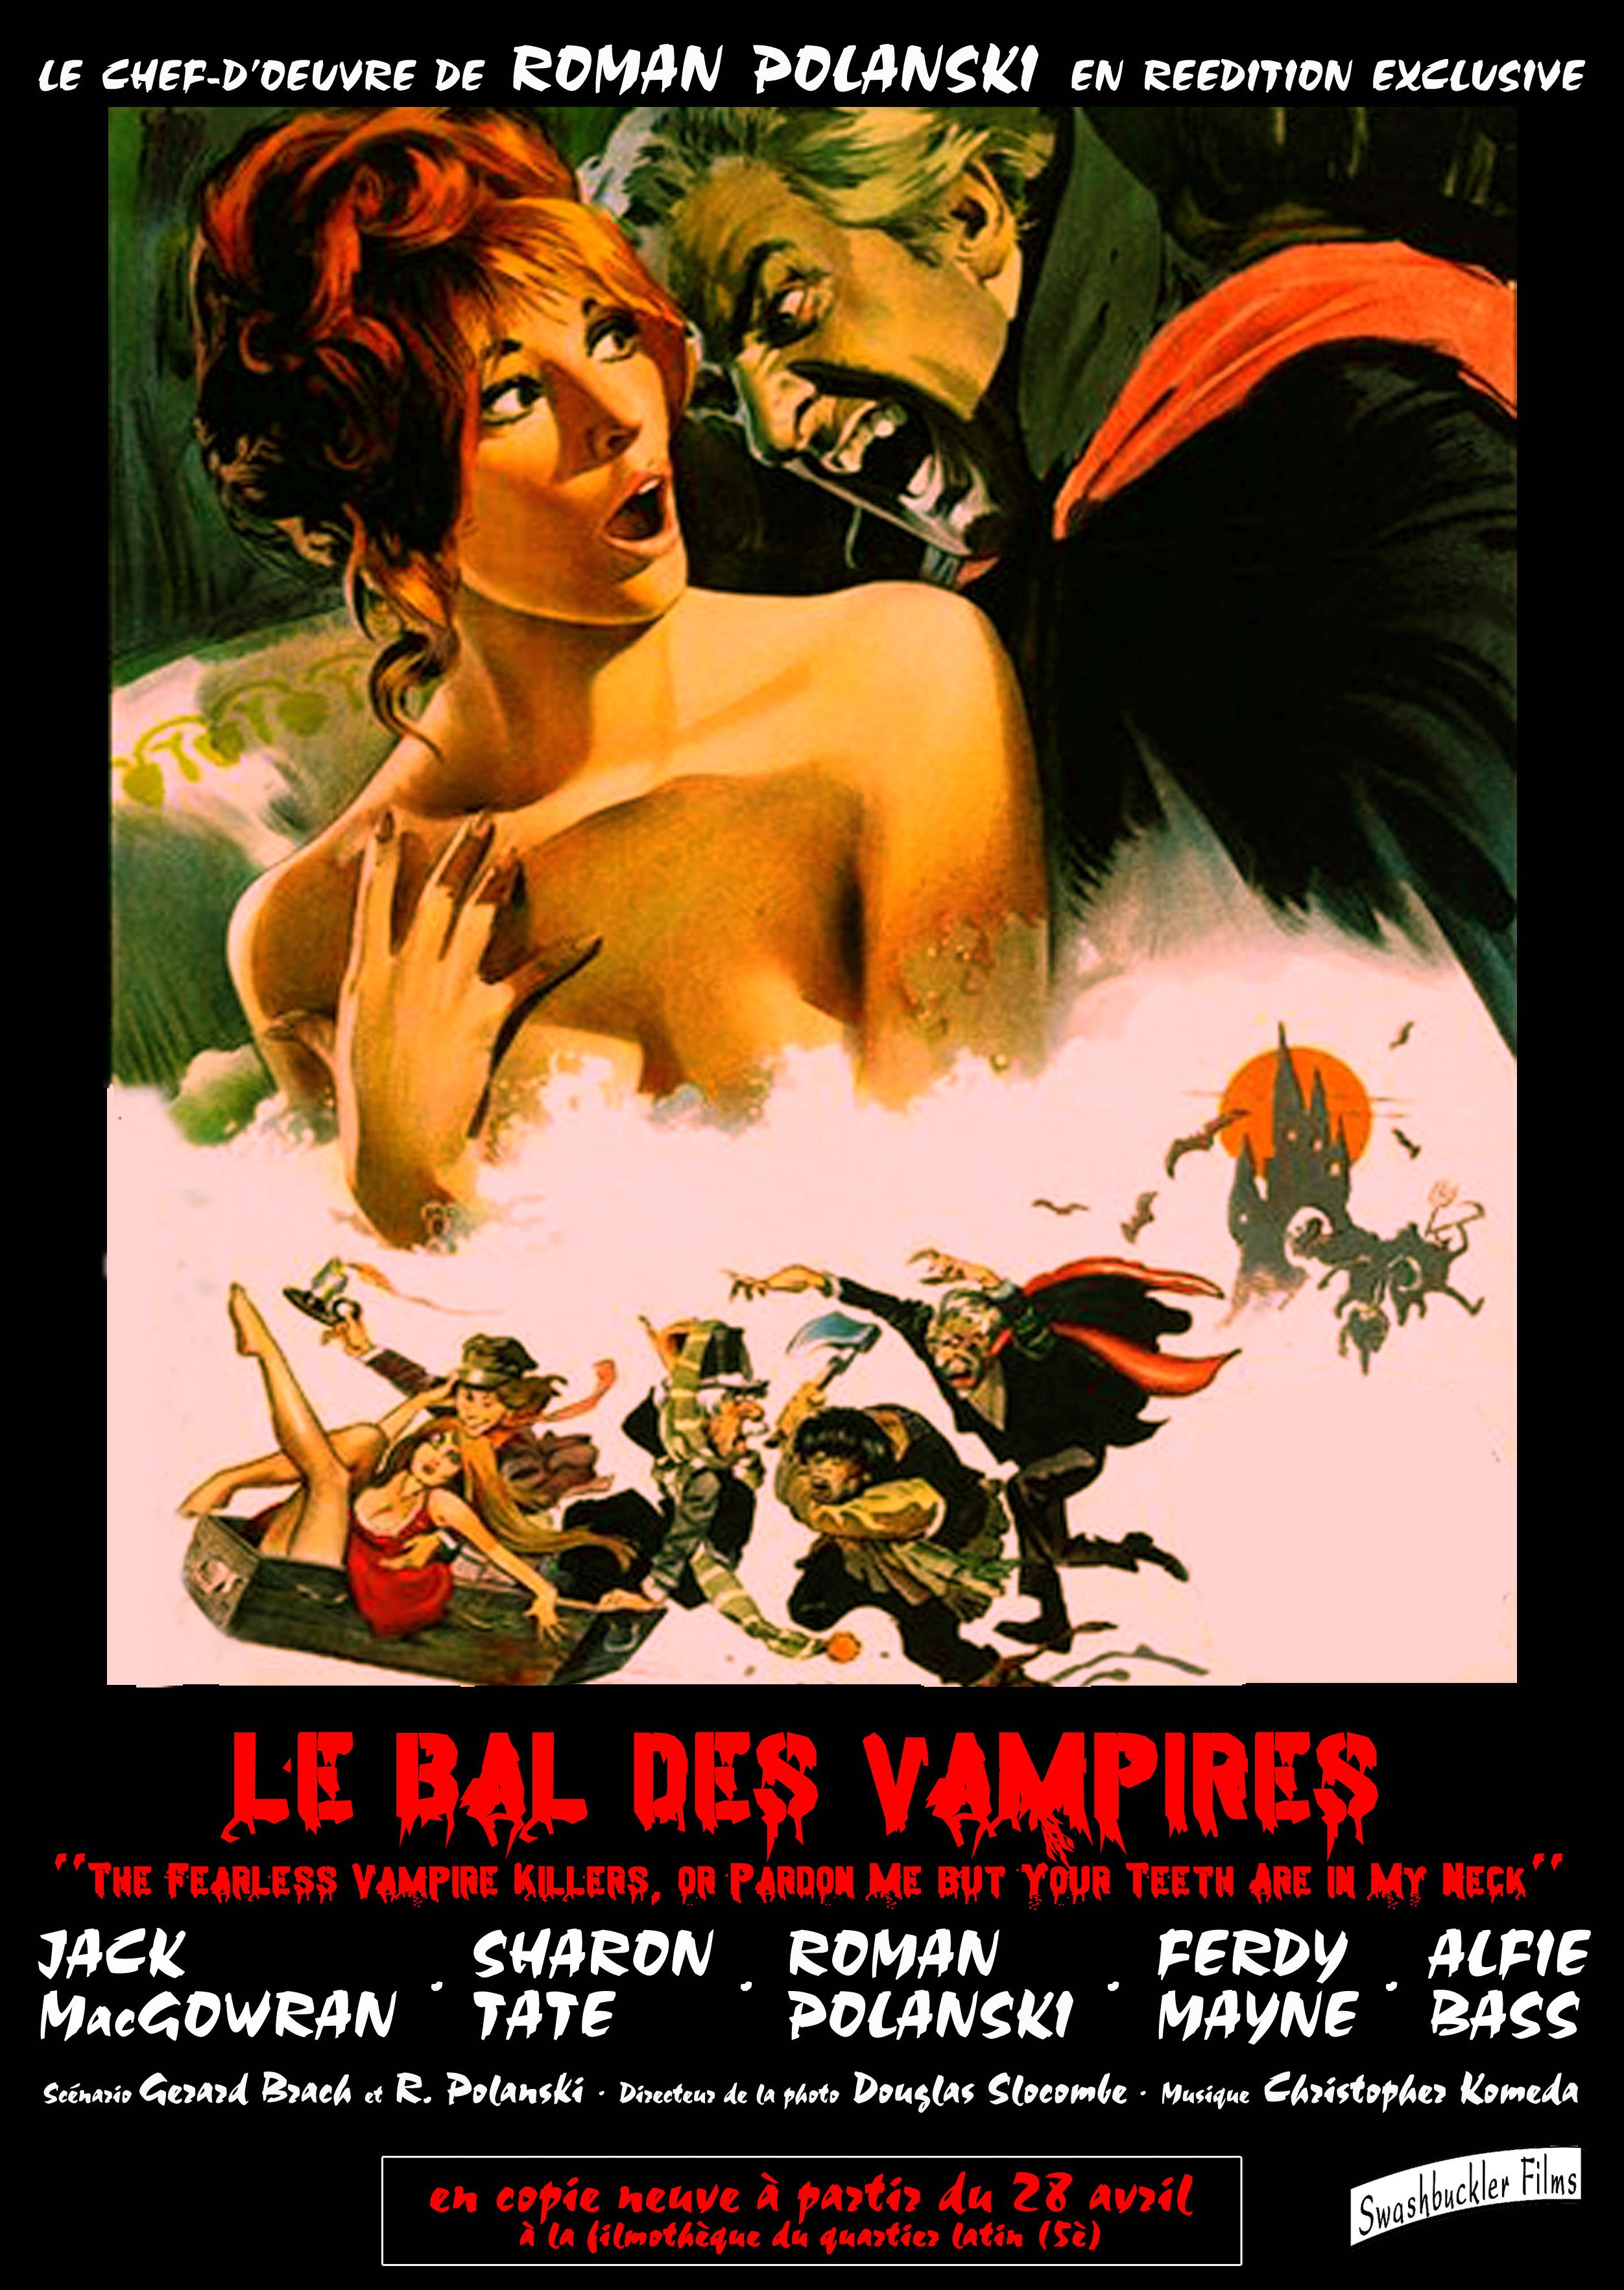 """Résultat de recherche d'images pour """"les vampires polanski"""""""